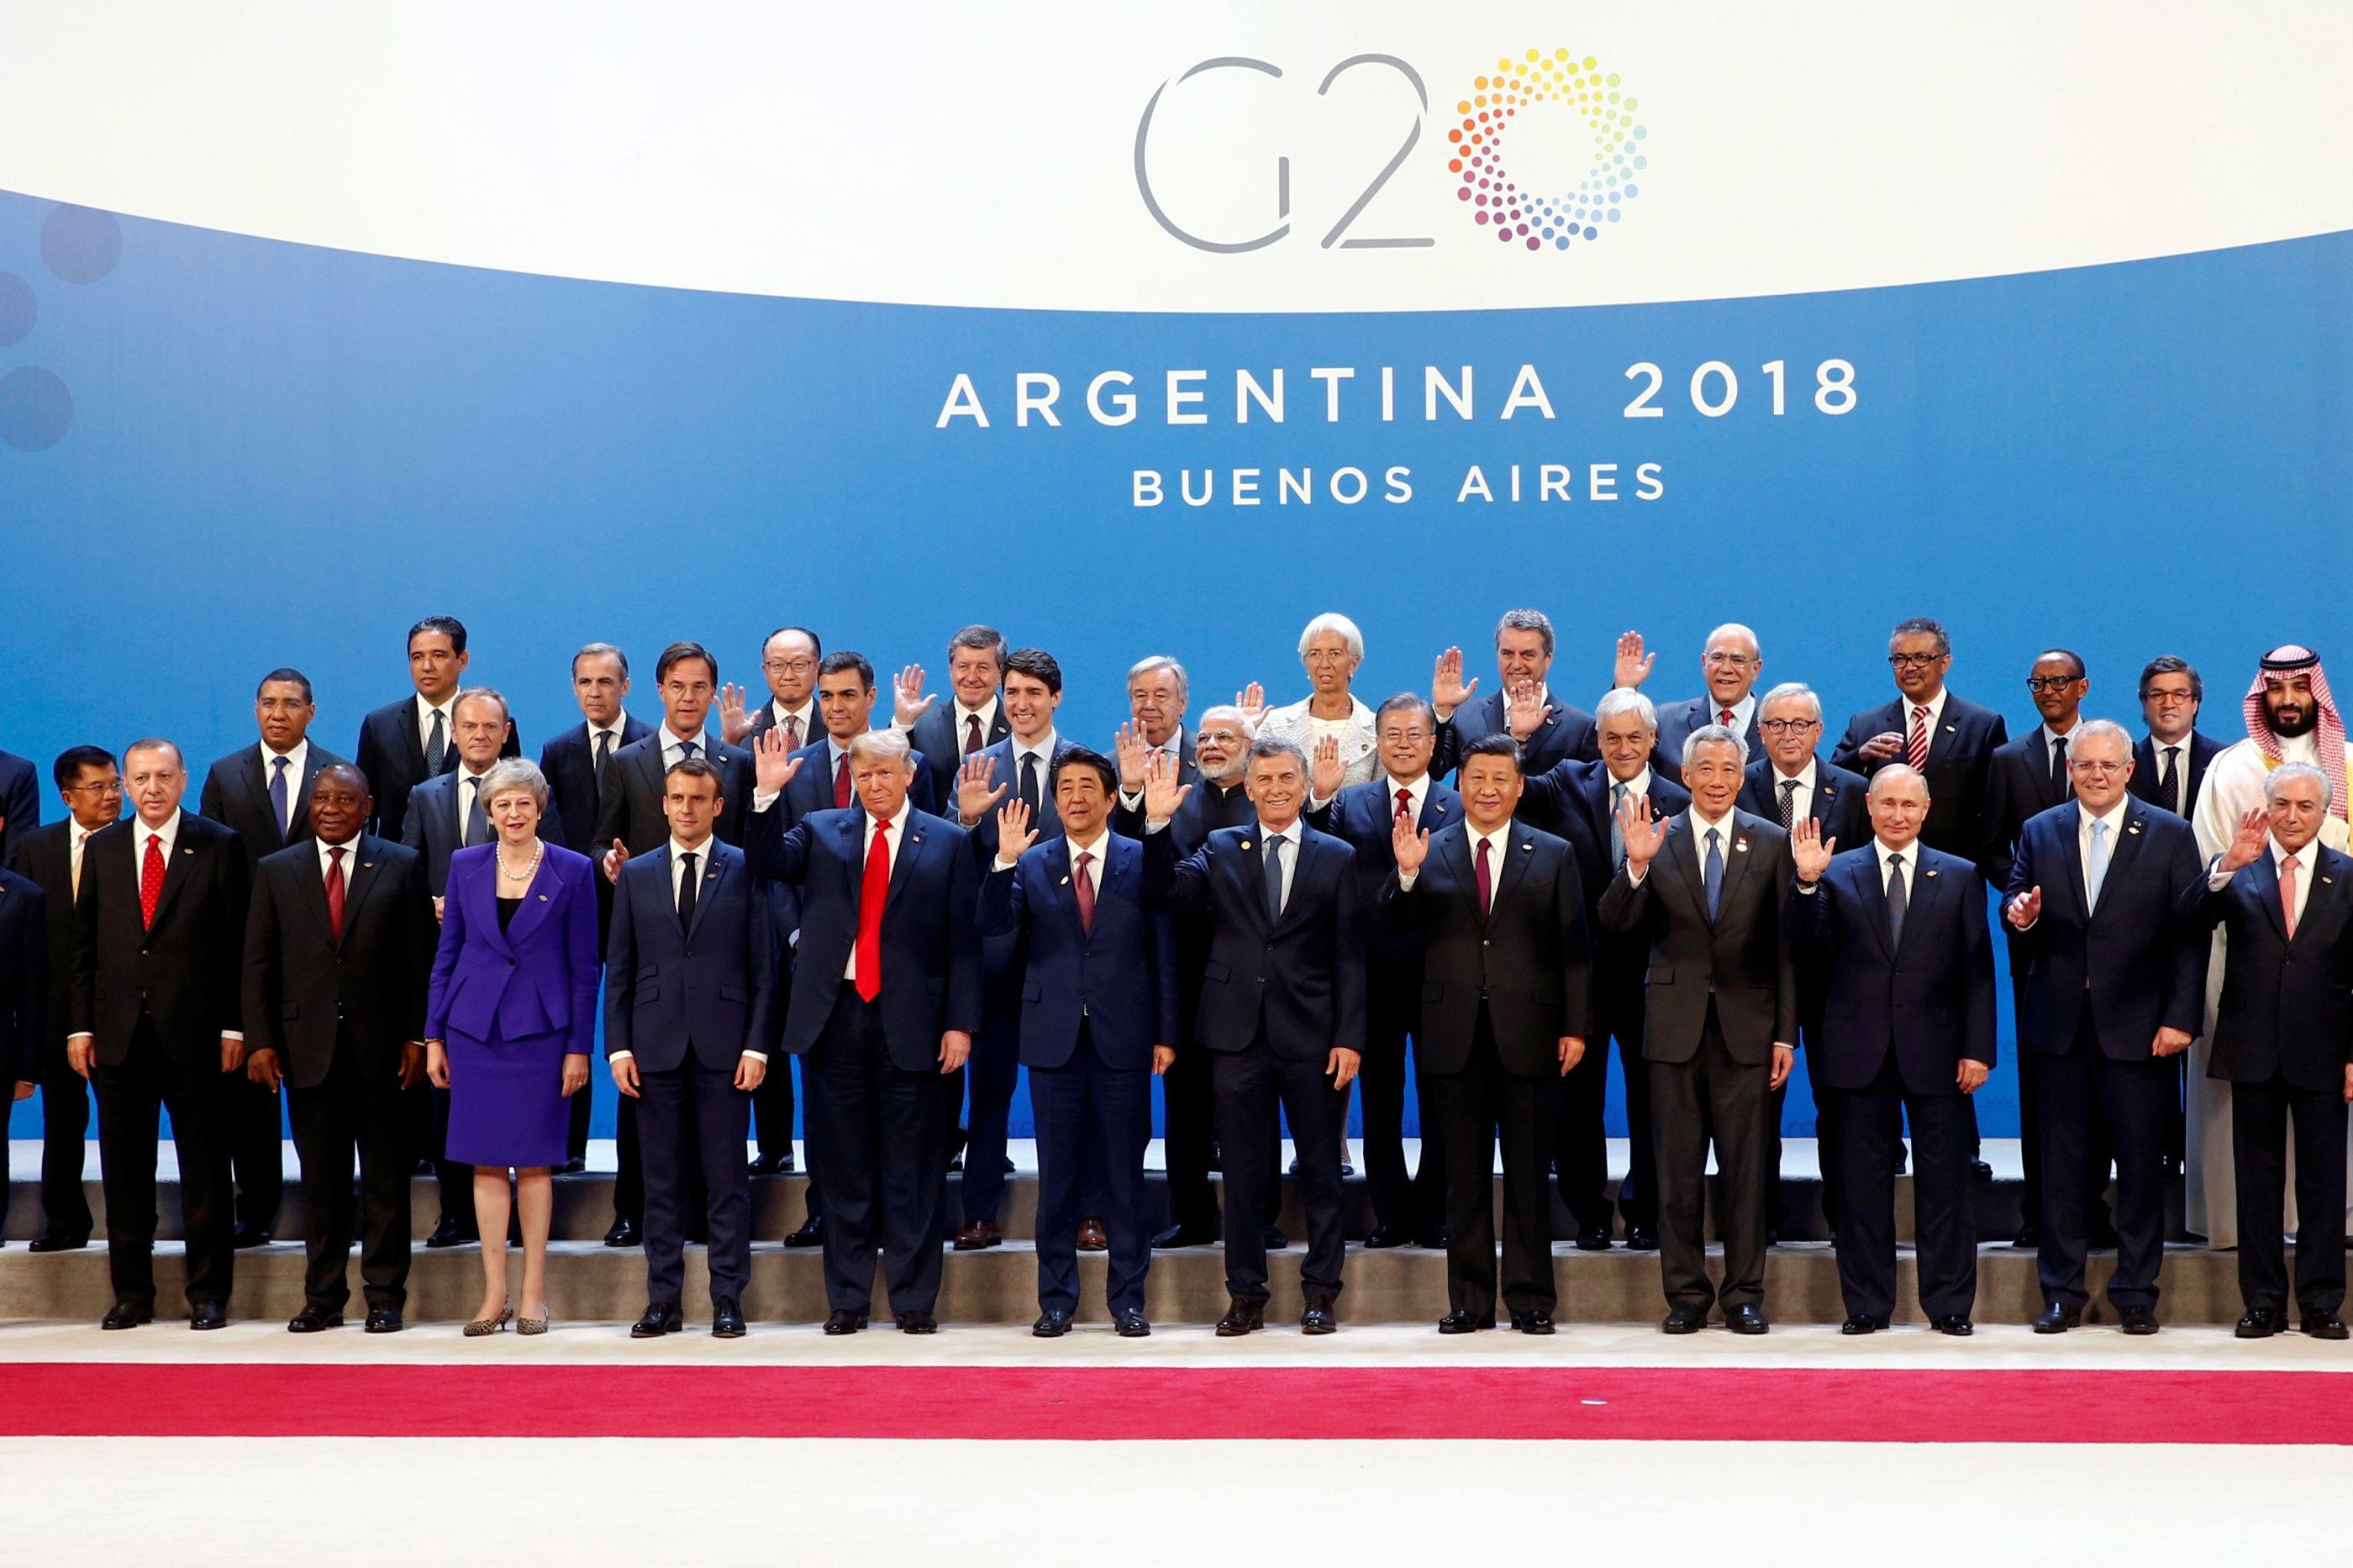 Príncipe herdeiro saudita ignorado e num canto na foto de família do G20